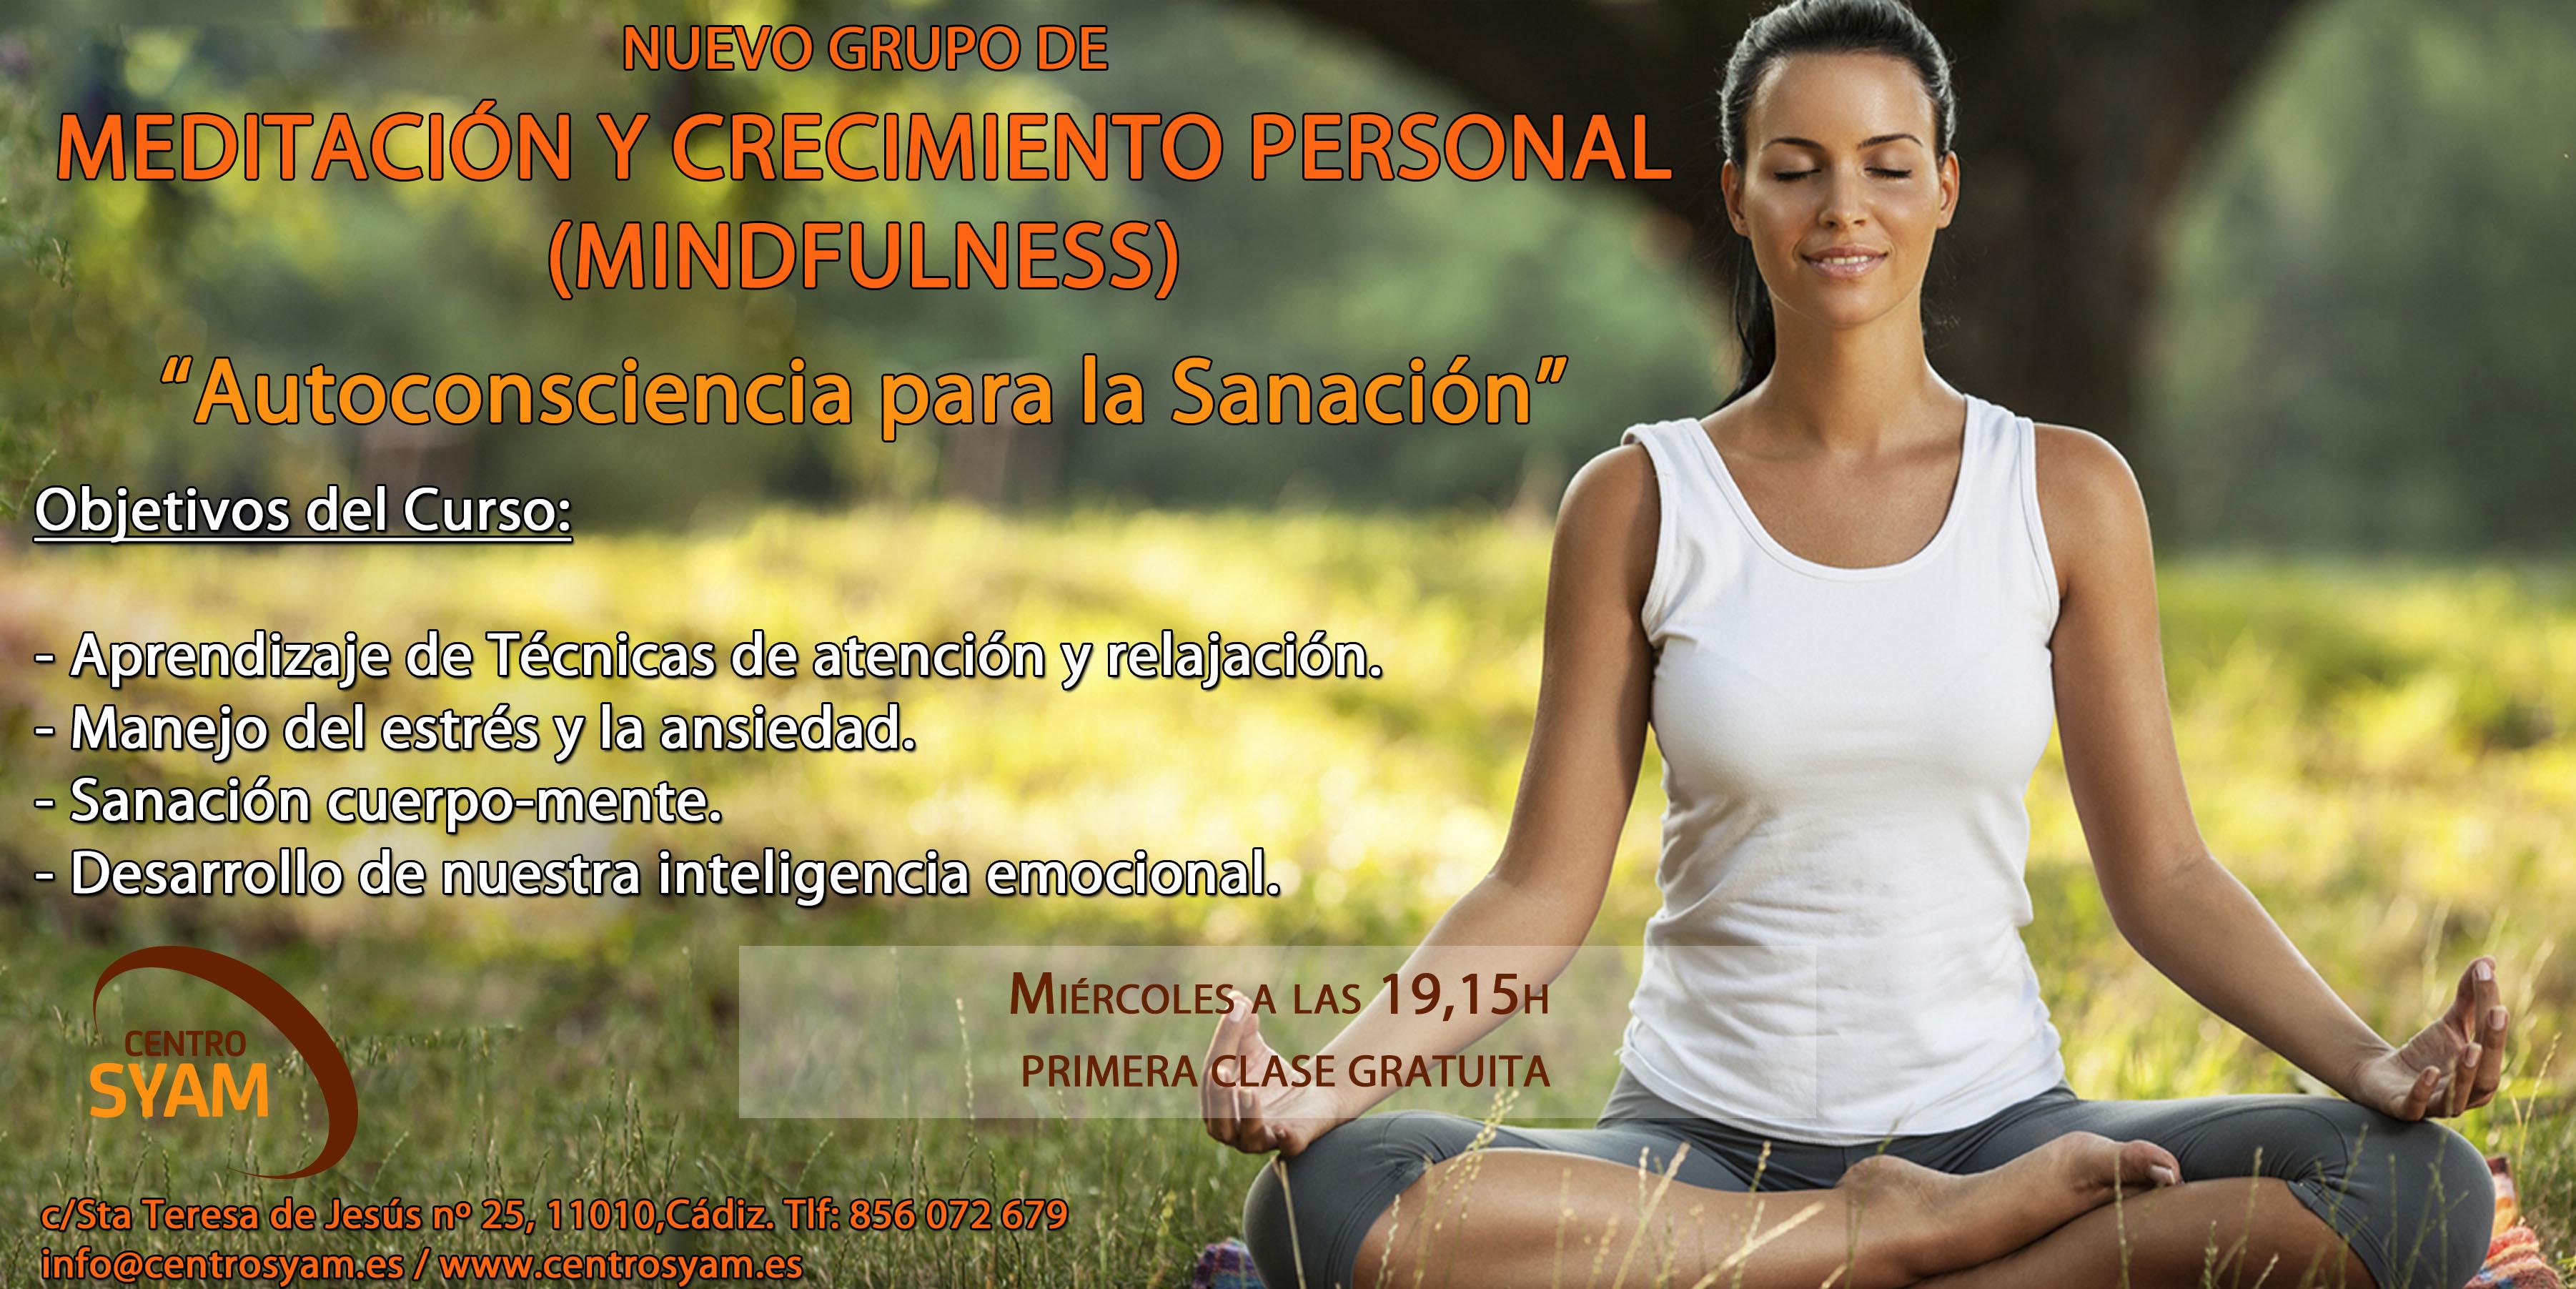 Nuevo_Cartel_Meditación2018_SINFECHA_BAJACALIDAD